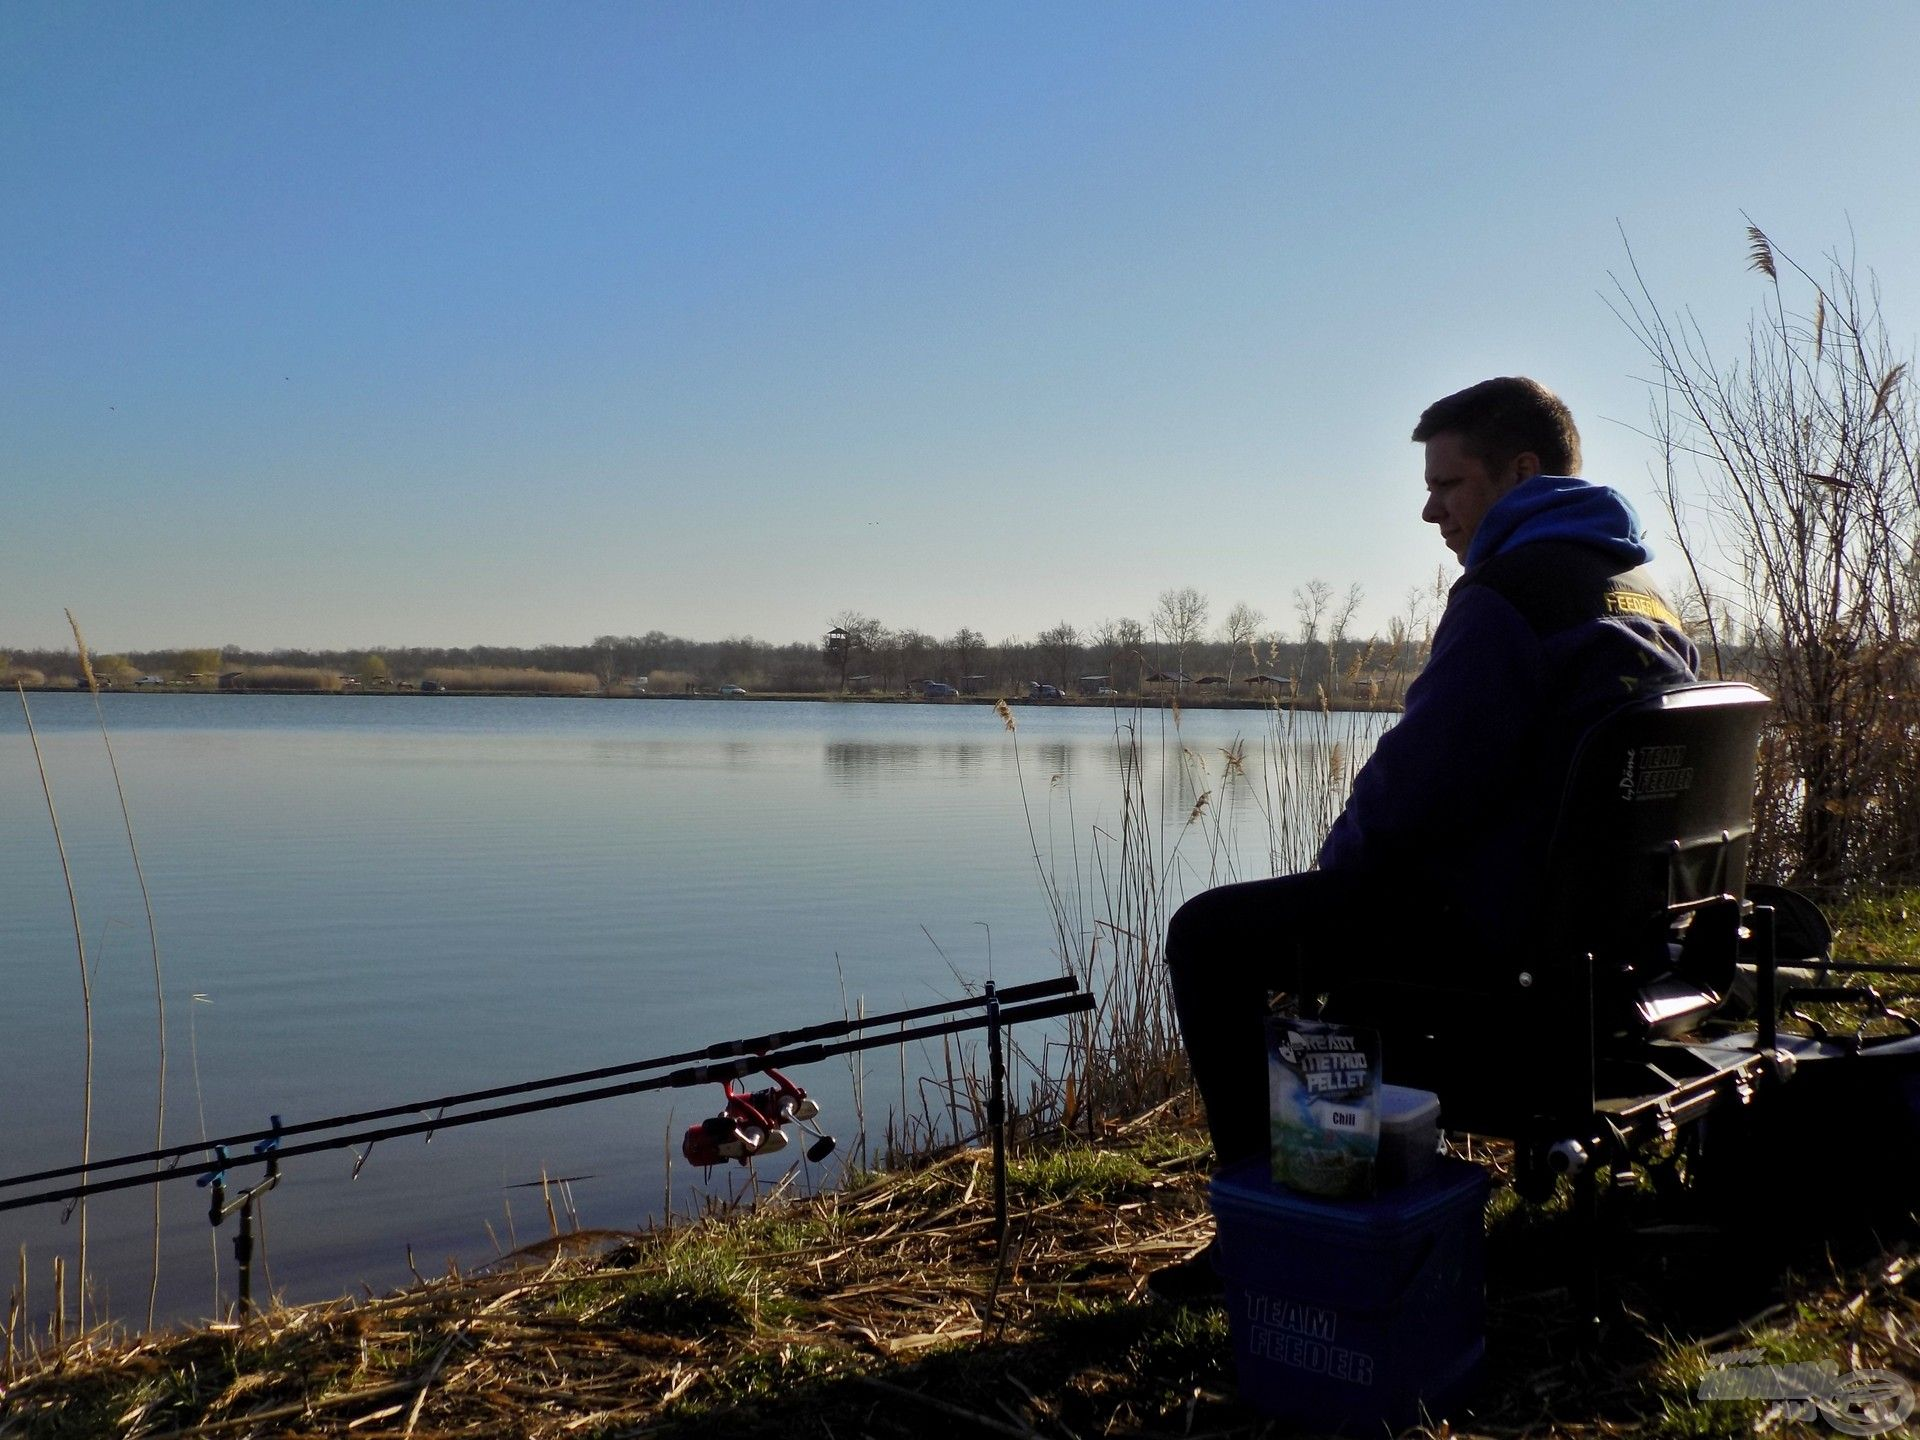 Horgászállásomat gyorsan kialakítottam, így kíváncsian vártam a horgászat fejleményeit